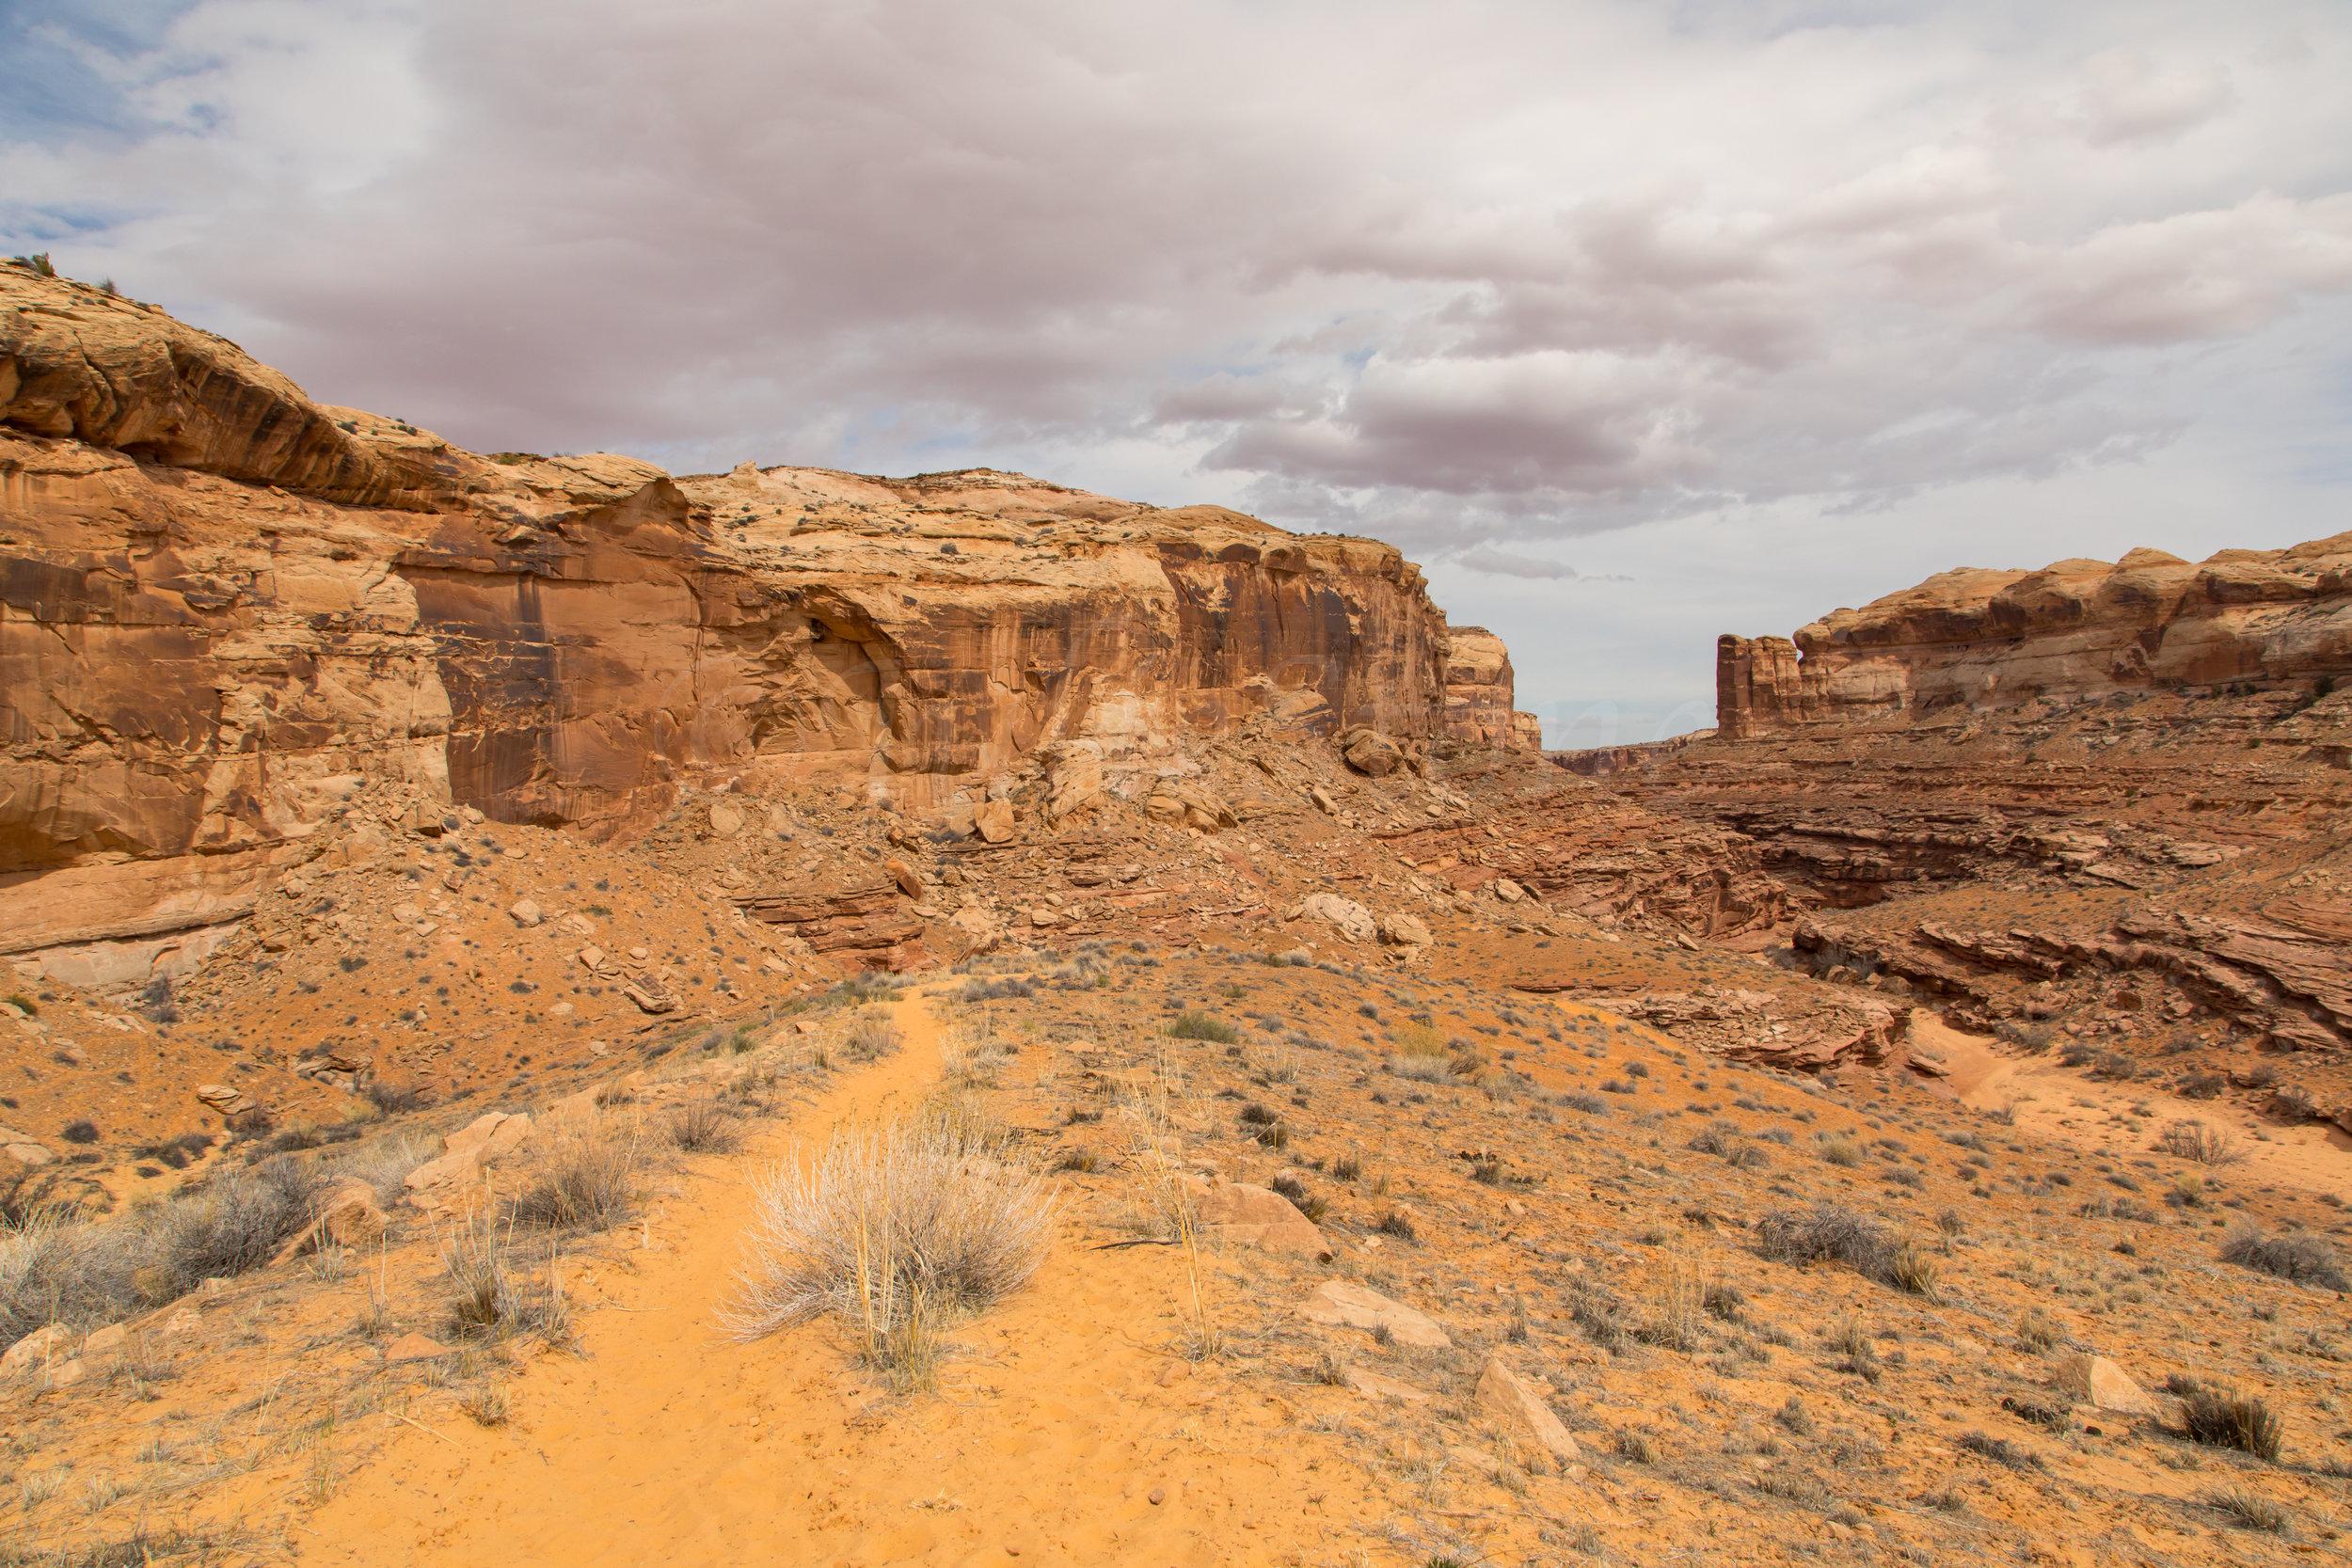 Horseshoe Canyon, Image # 9227